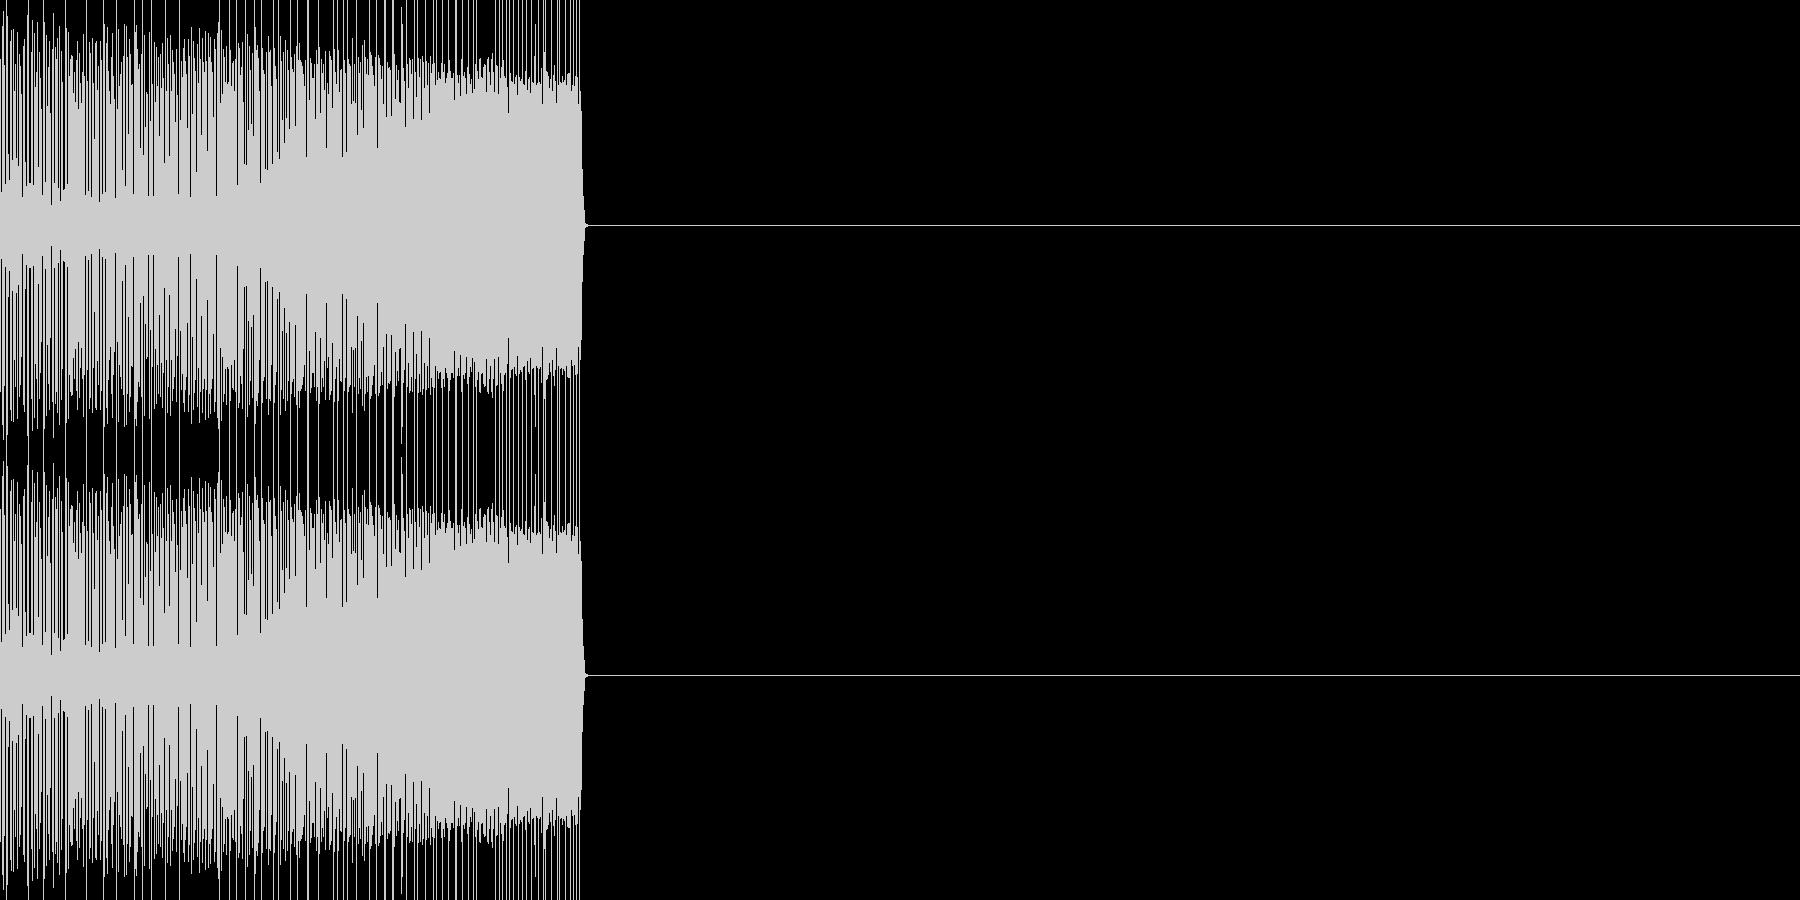 エンカウント02(ファミコン風)の未再生の波形